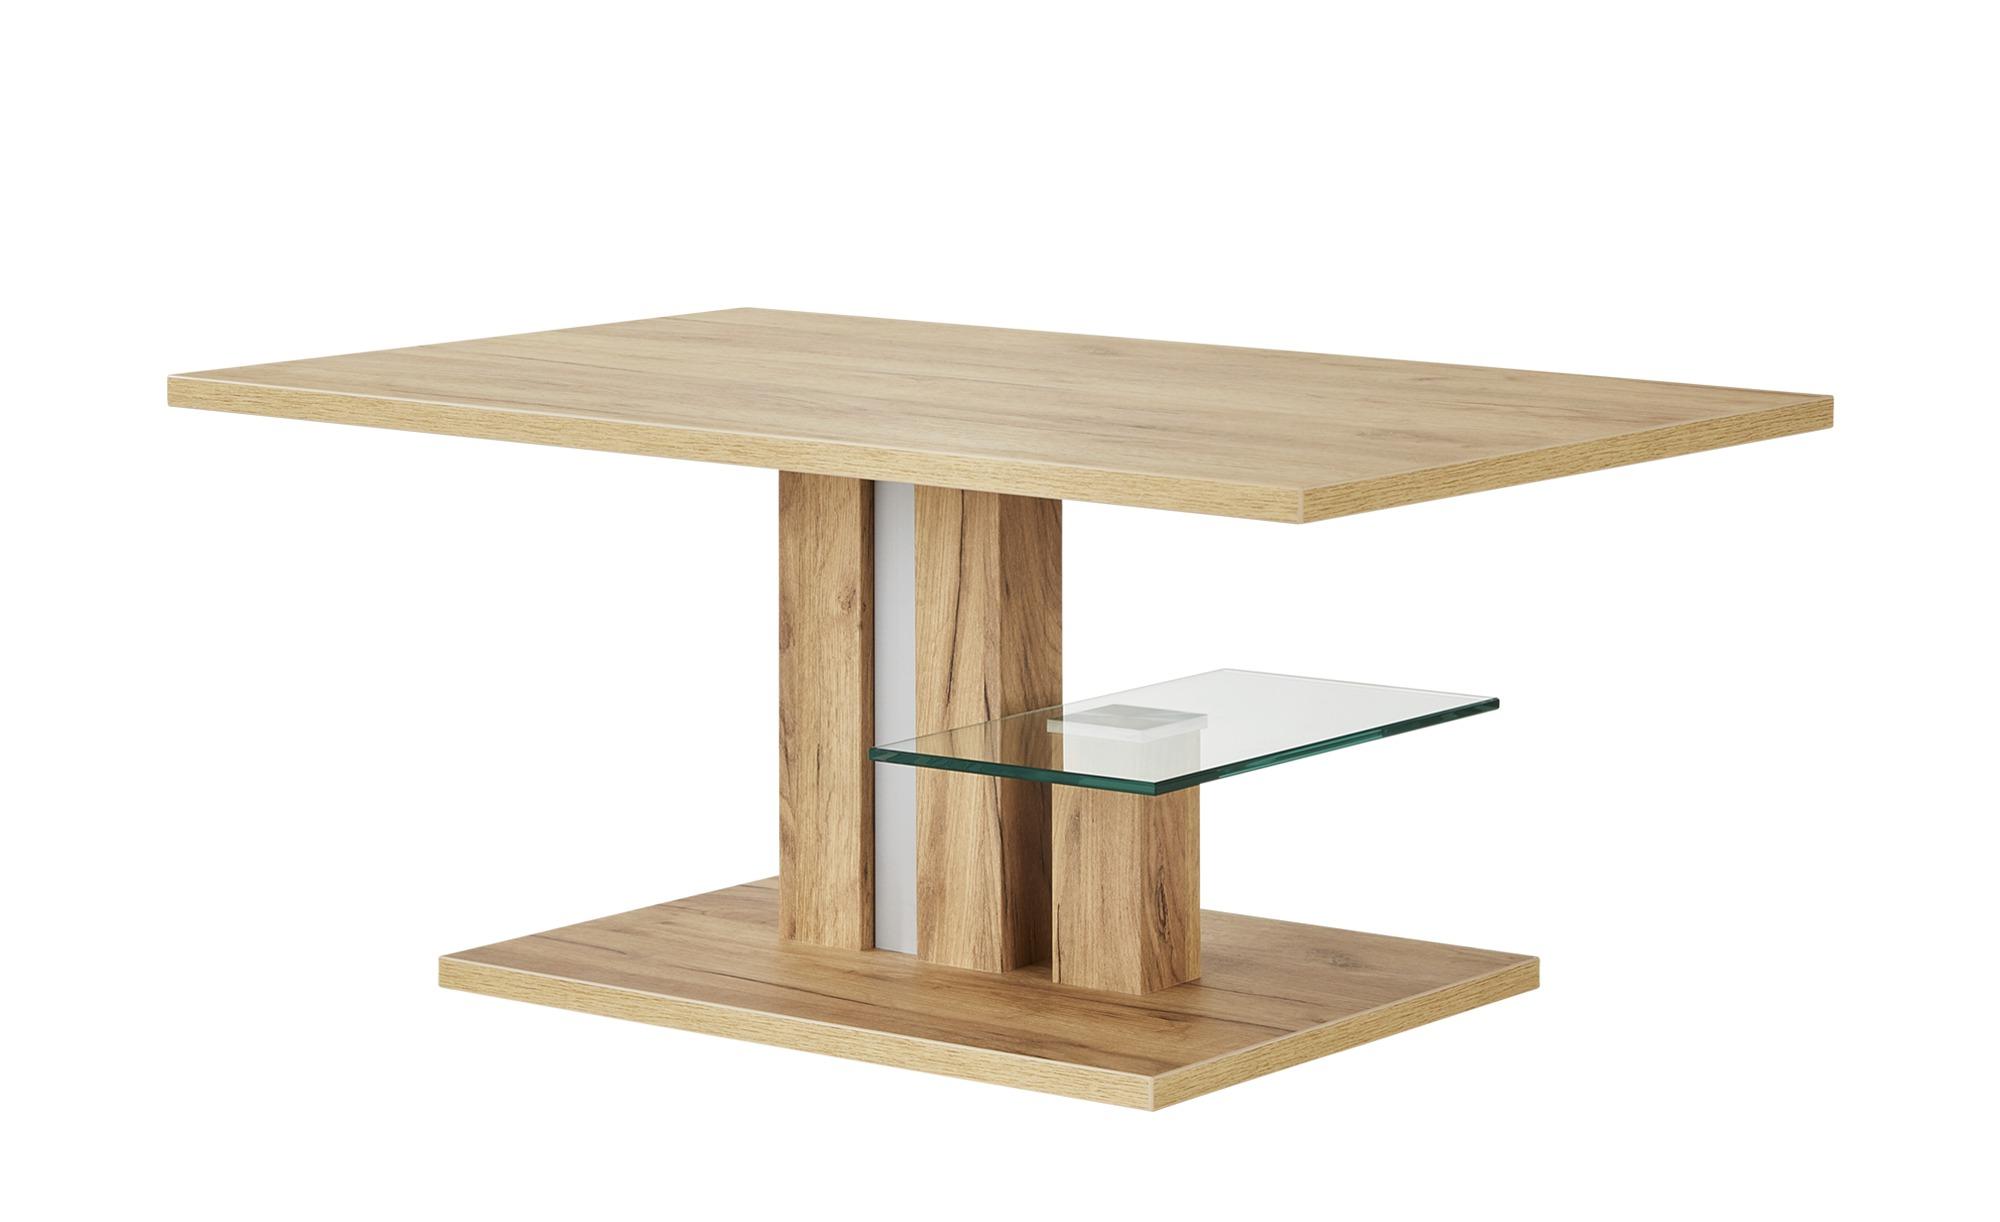 Couchtisch mit Funktion  Cortina ¦ holzfarben ¦ Maße (cm): B: 70 H: 50 T: 70 Tische > Couchtische - Höffner